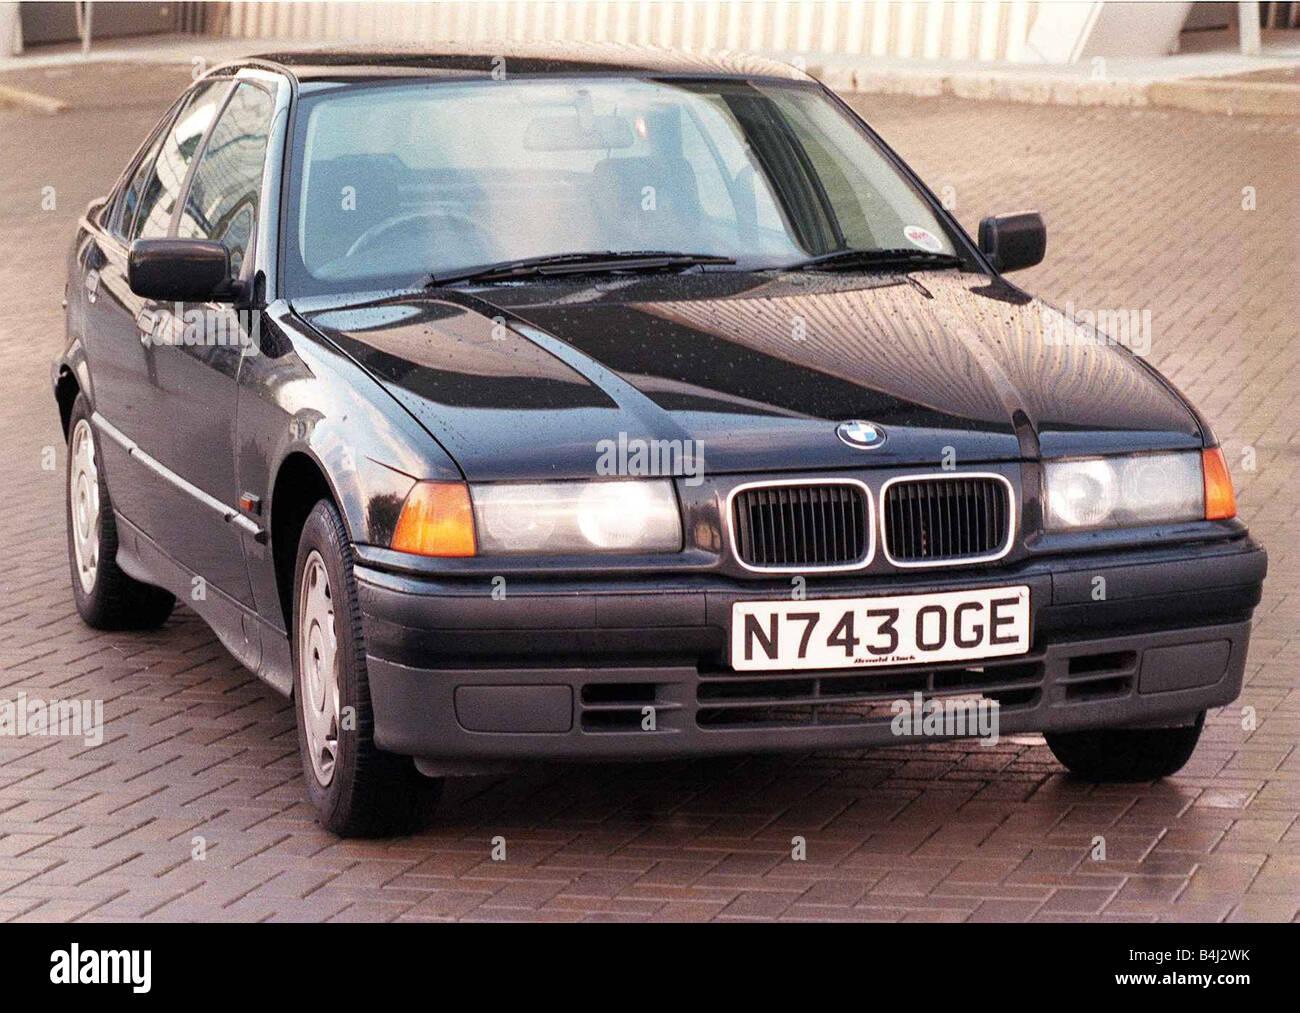 La BMW série 3 octobre 1998 Trois quarts voir Photo Stock